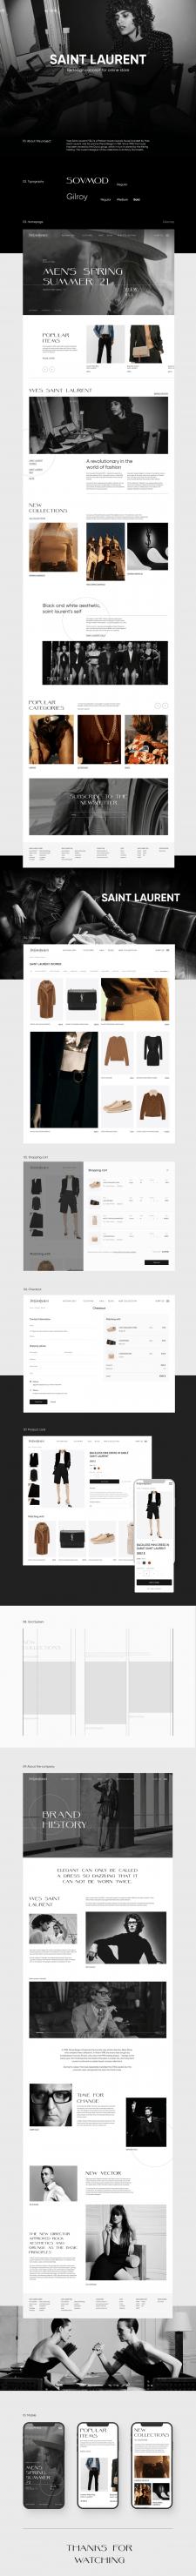 Saint Laurent   Online store redesign